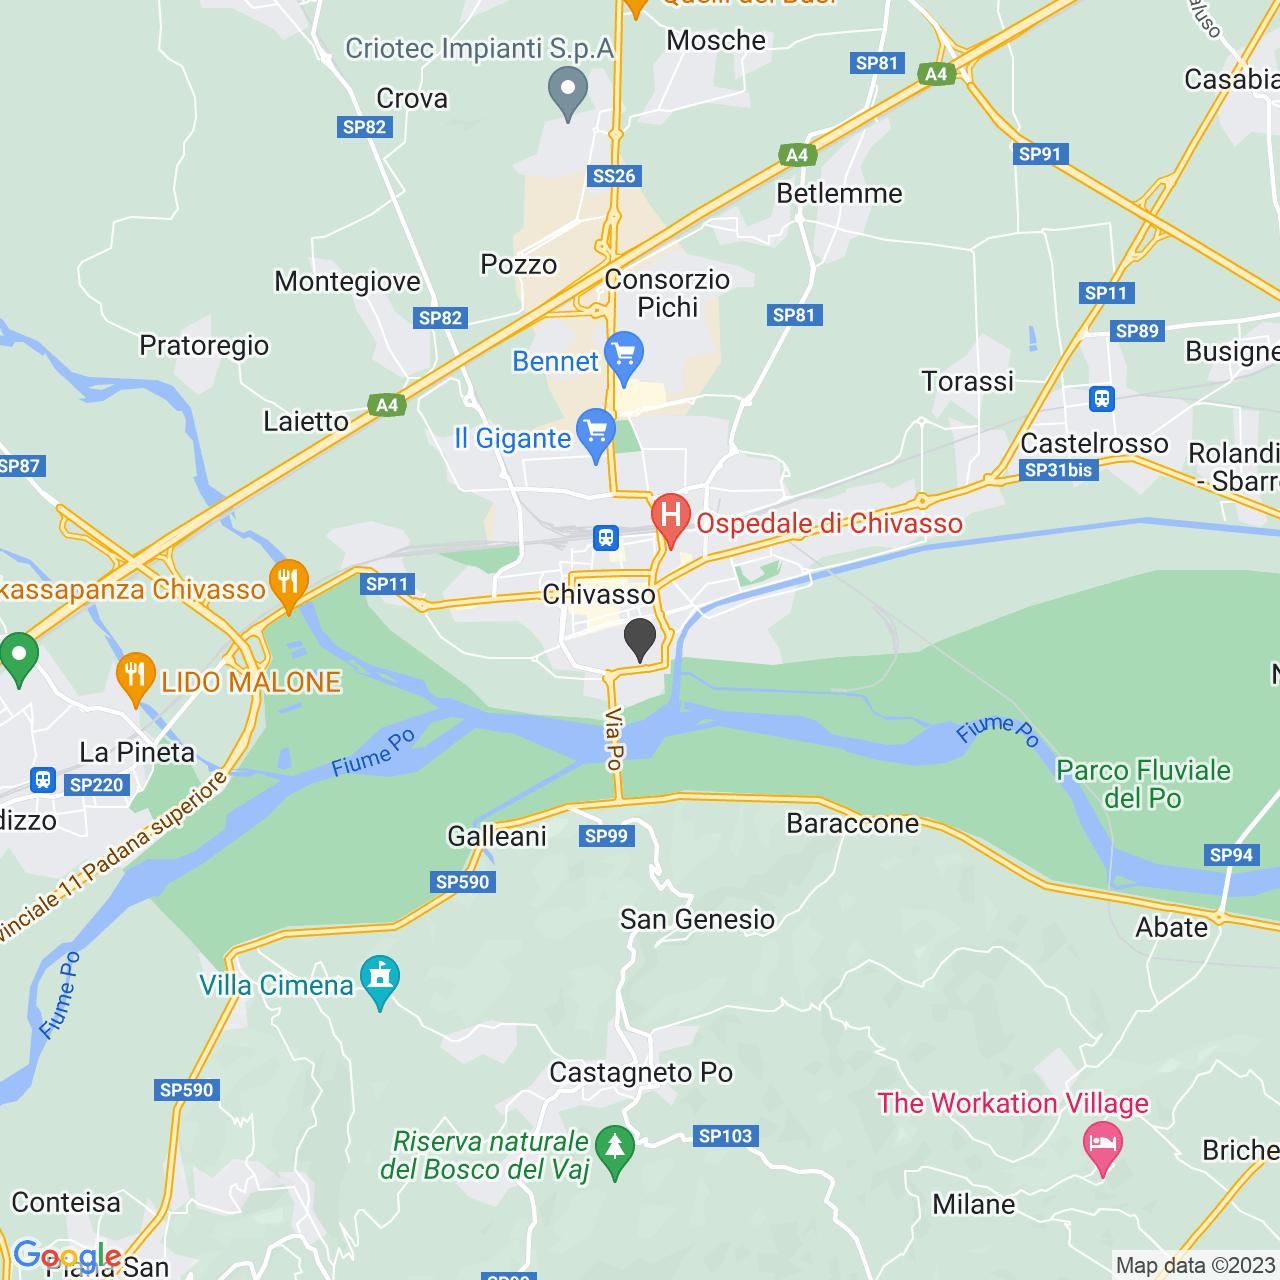 CROCE ROSSA ITALIANA - COMITATO DI CHIVASSO. - ORGANIZZAZIONE DI VOLONTARIATO